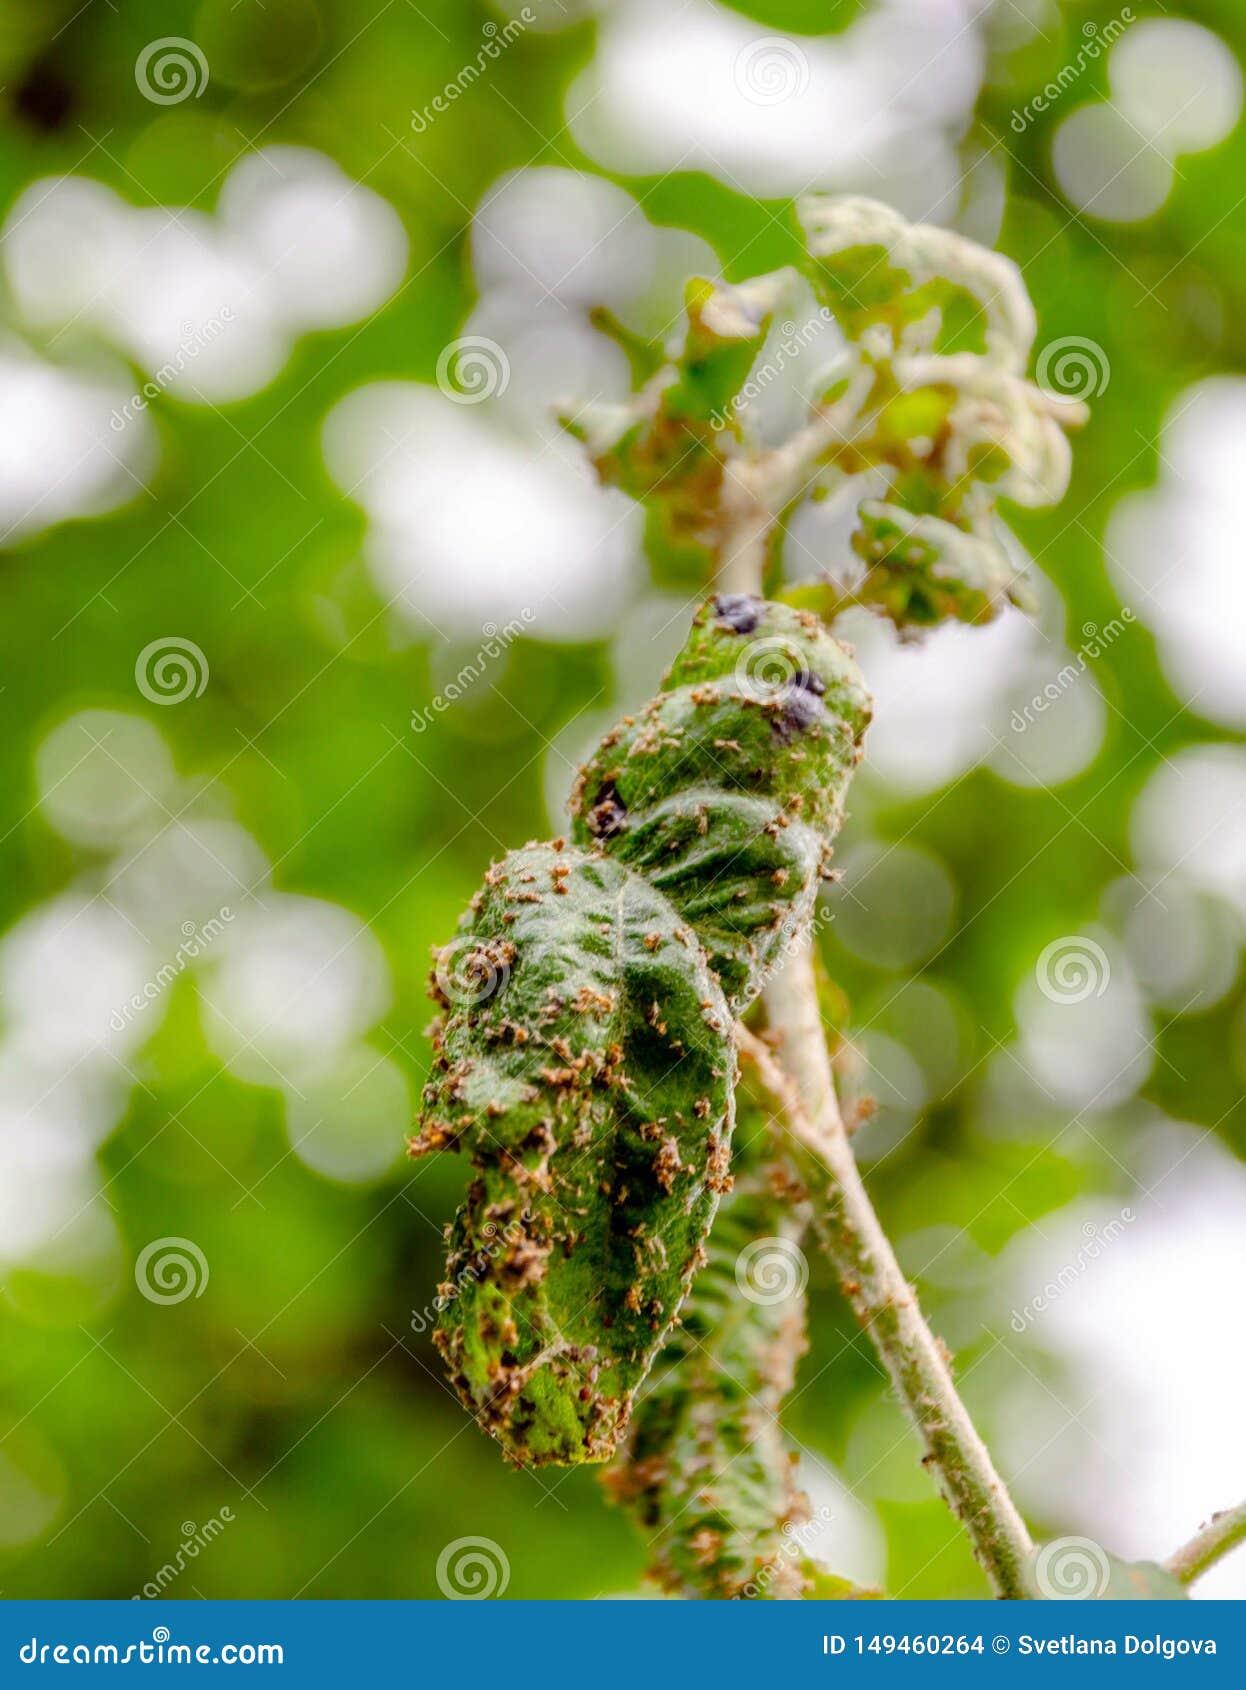 Κλάδος του δέντρου μηλιάς με τα φύλλα που επηρεάζονται από το αφίδιο